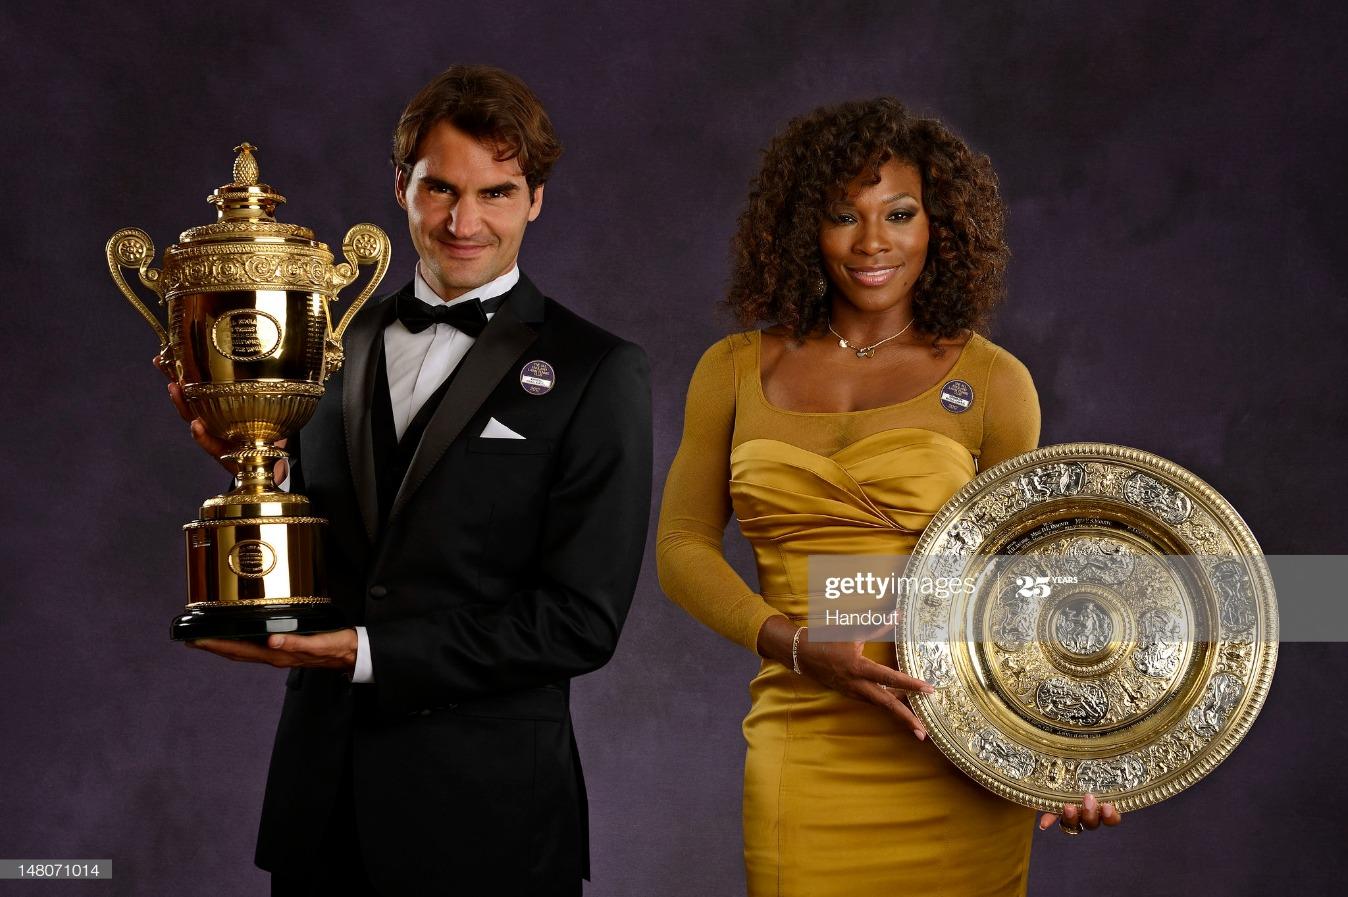 Wimbledon Championships 2012 Winners Ball : News Photo